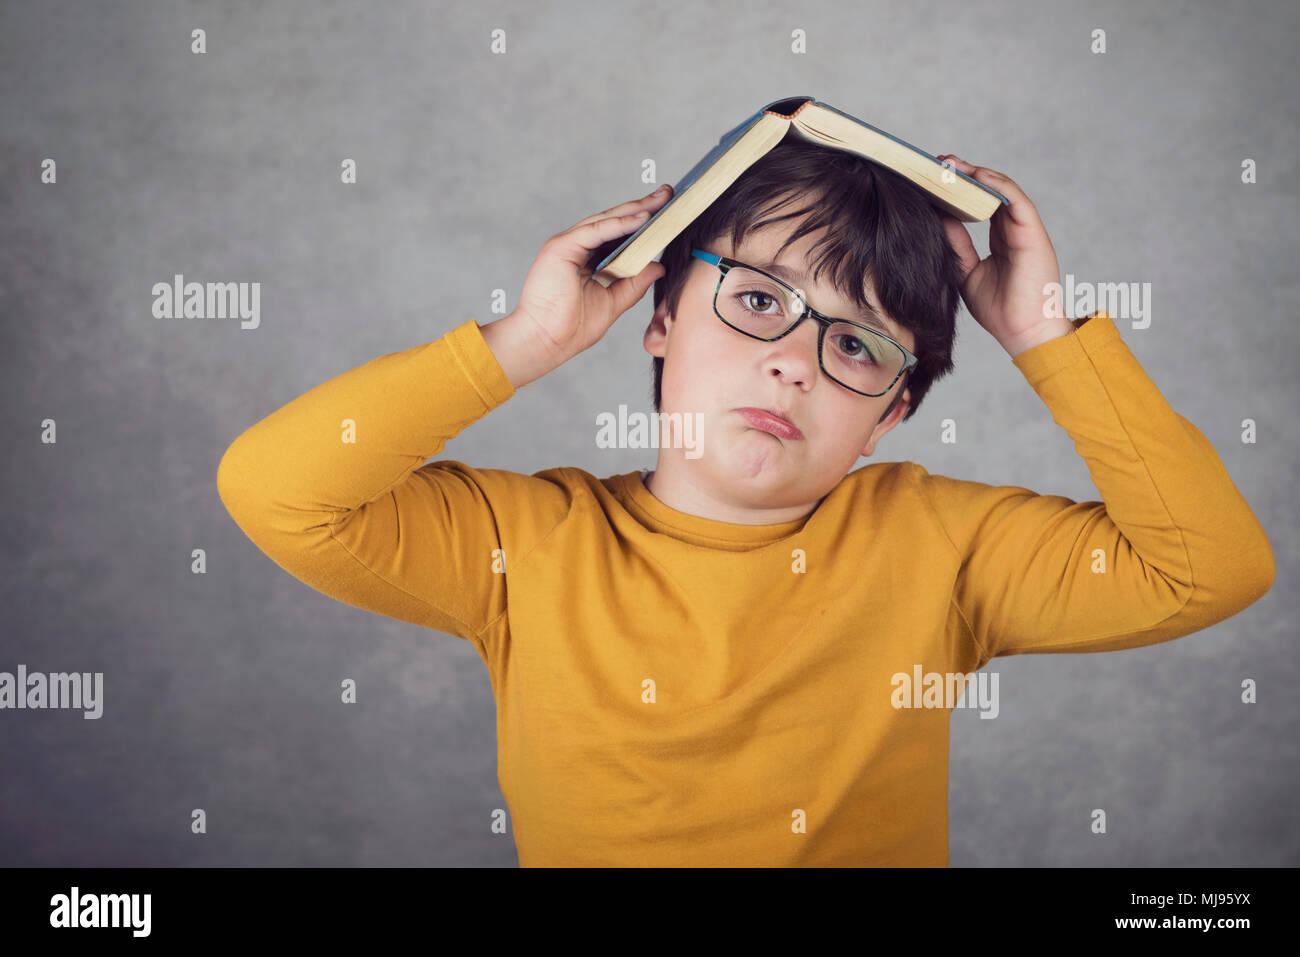 Triste et pensive boy avec un livre sur sa tête sur fond gris Photo Stock